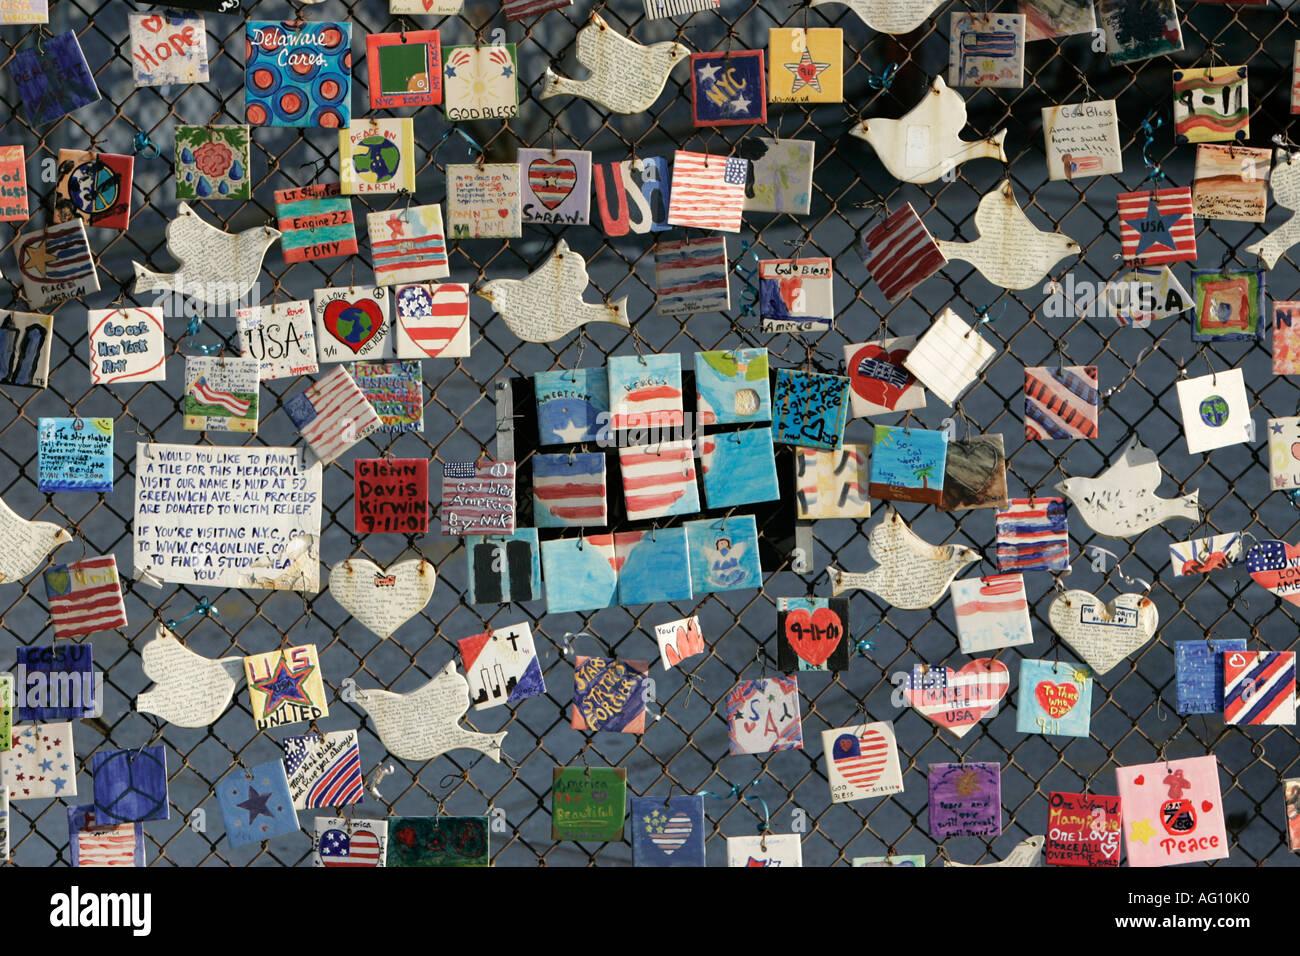 Memorial piastrelle piastrelle fatte da bambini nordamericani